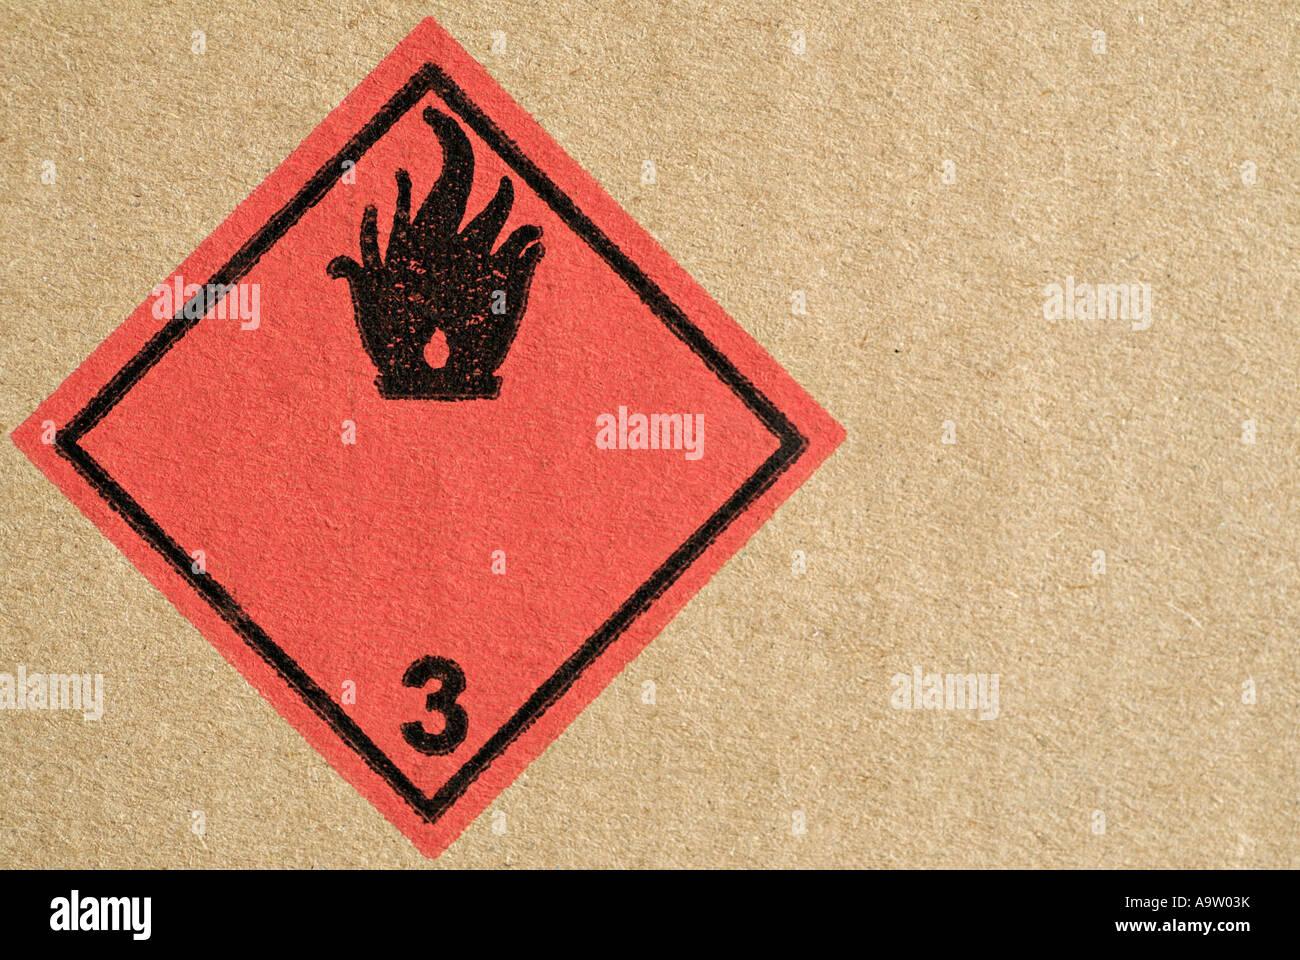 Warning Symbols Symbol Advice Danger Hazard Stock Photos Warning